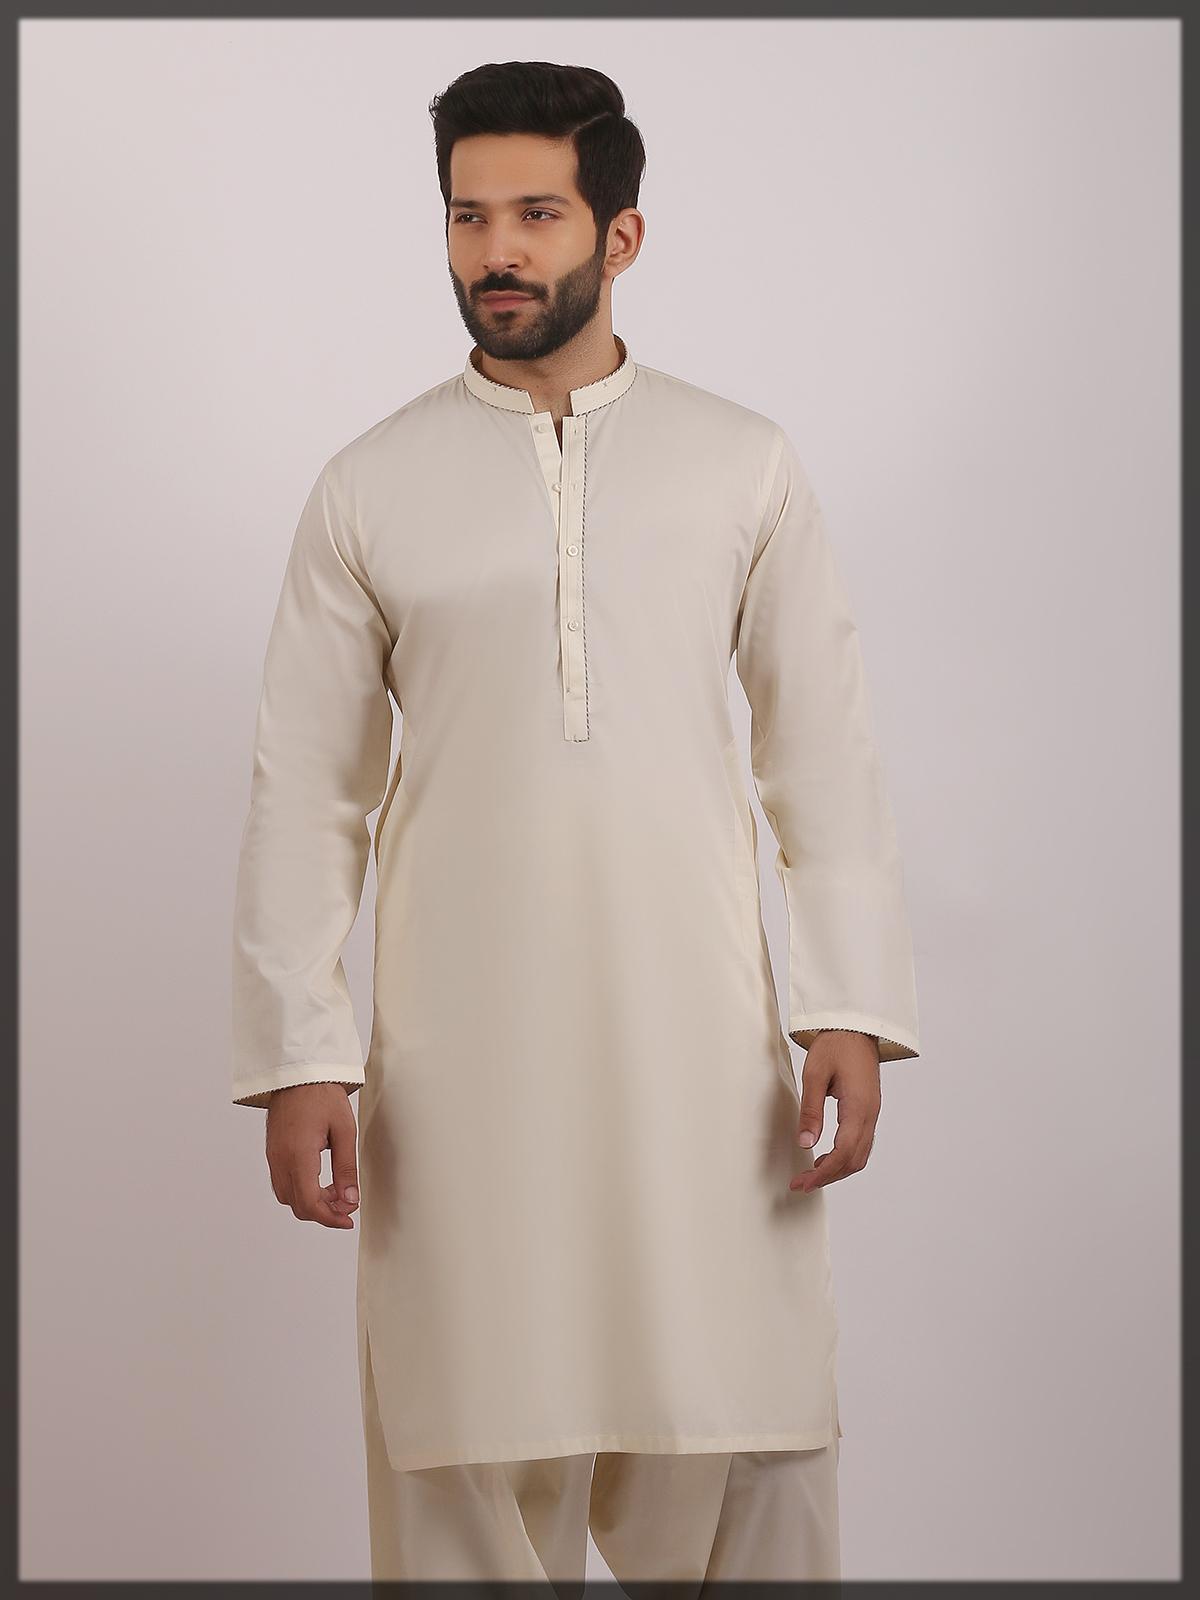 Edenrobe Shalwar Kameez Collection FOR MEN